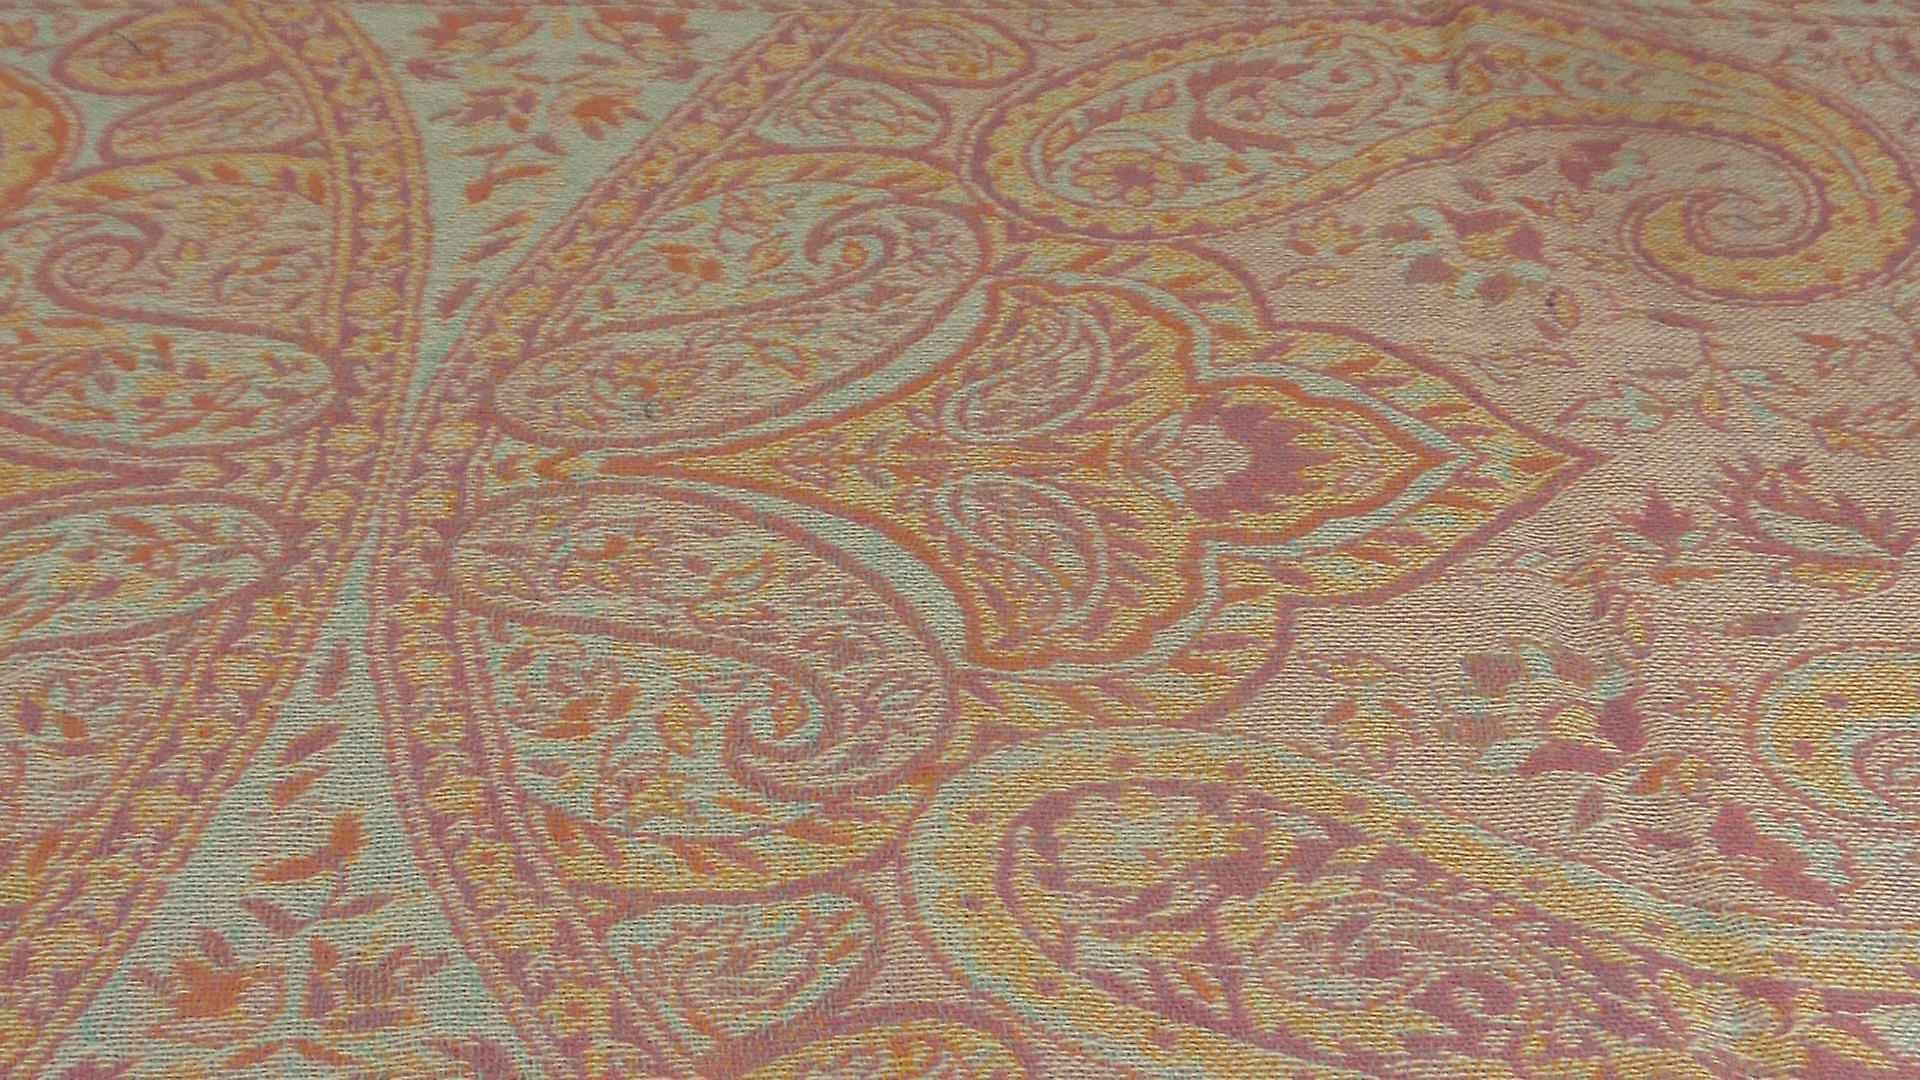 Muffler Scarf 3073 in Fine Pashmina Wool Heritage Range by Pashmina & Silk